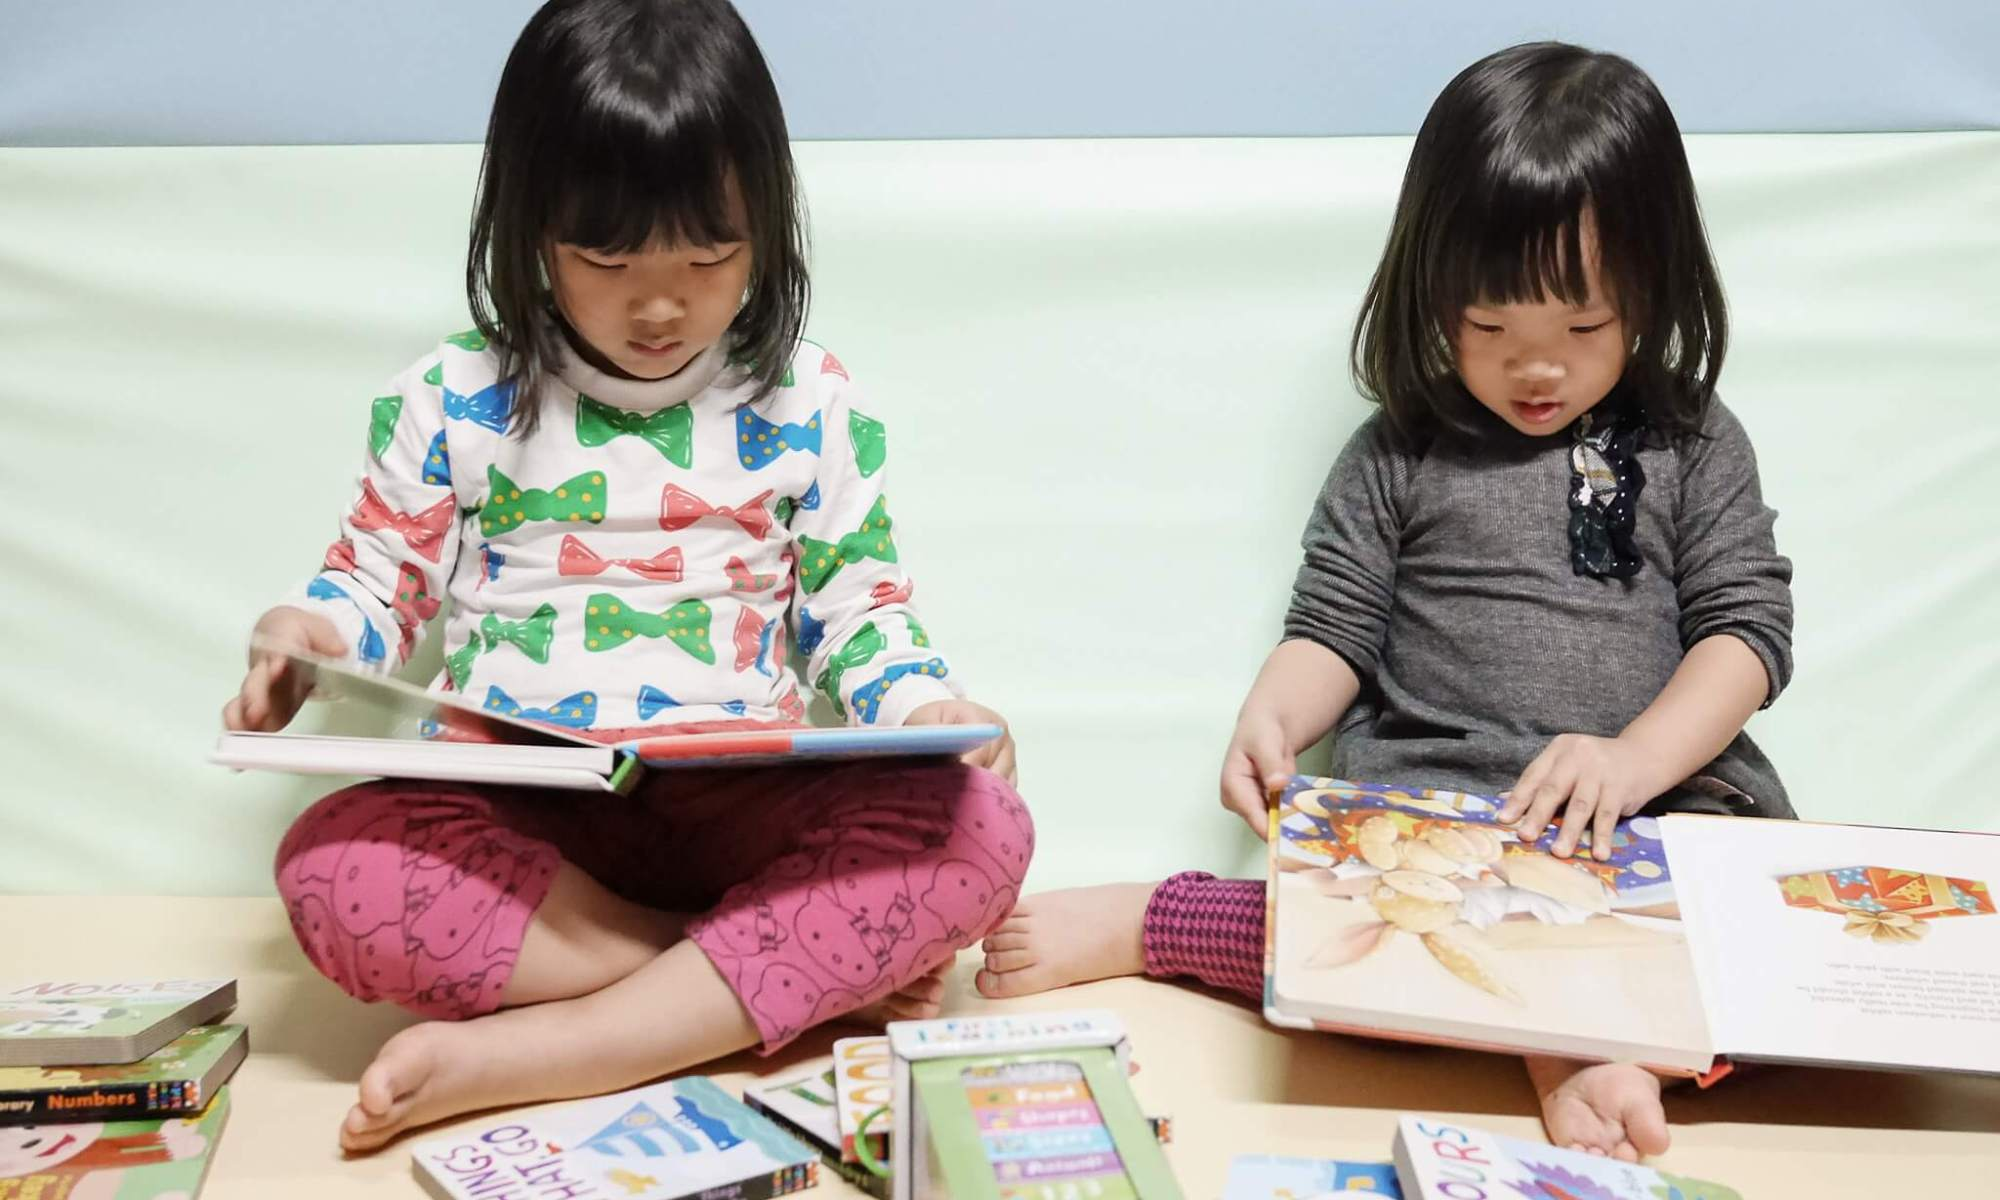 OiKID 陪伴孩子養成學習好習慣